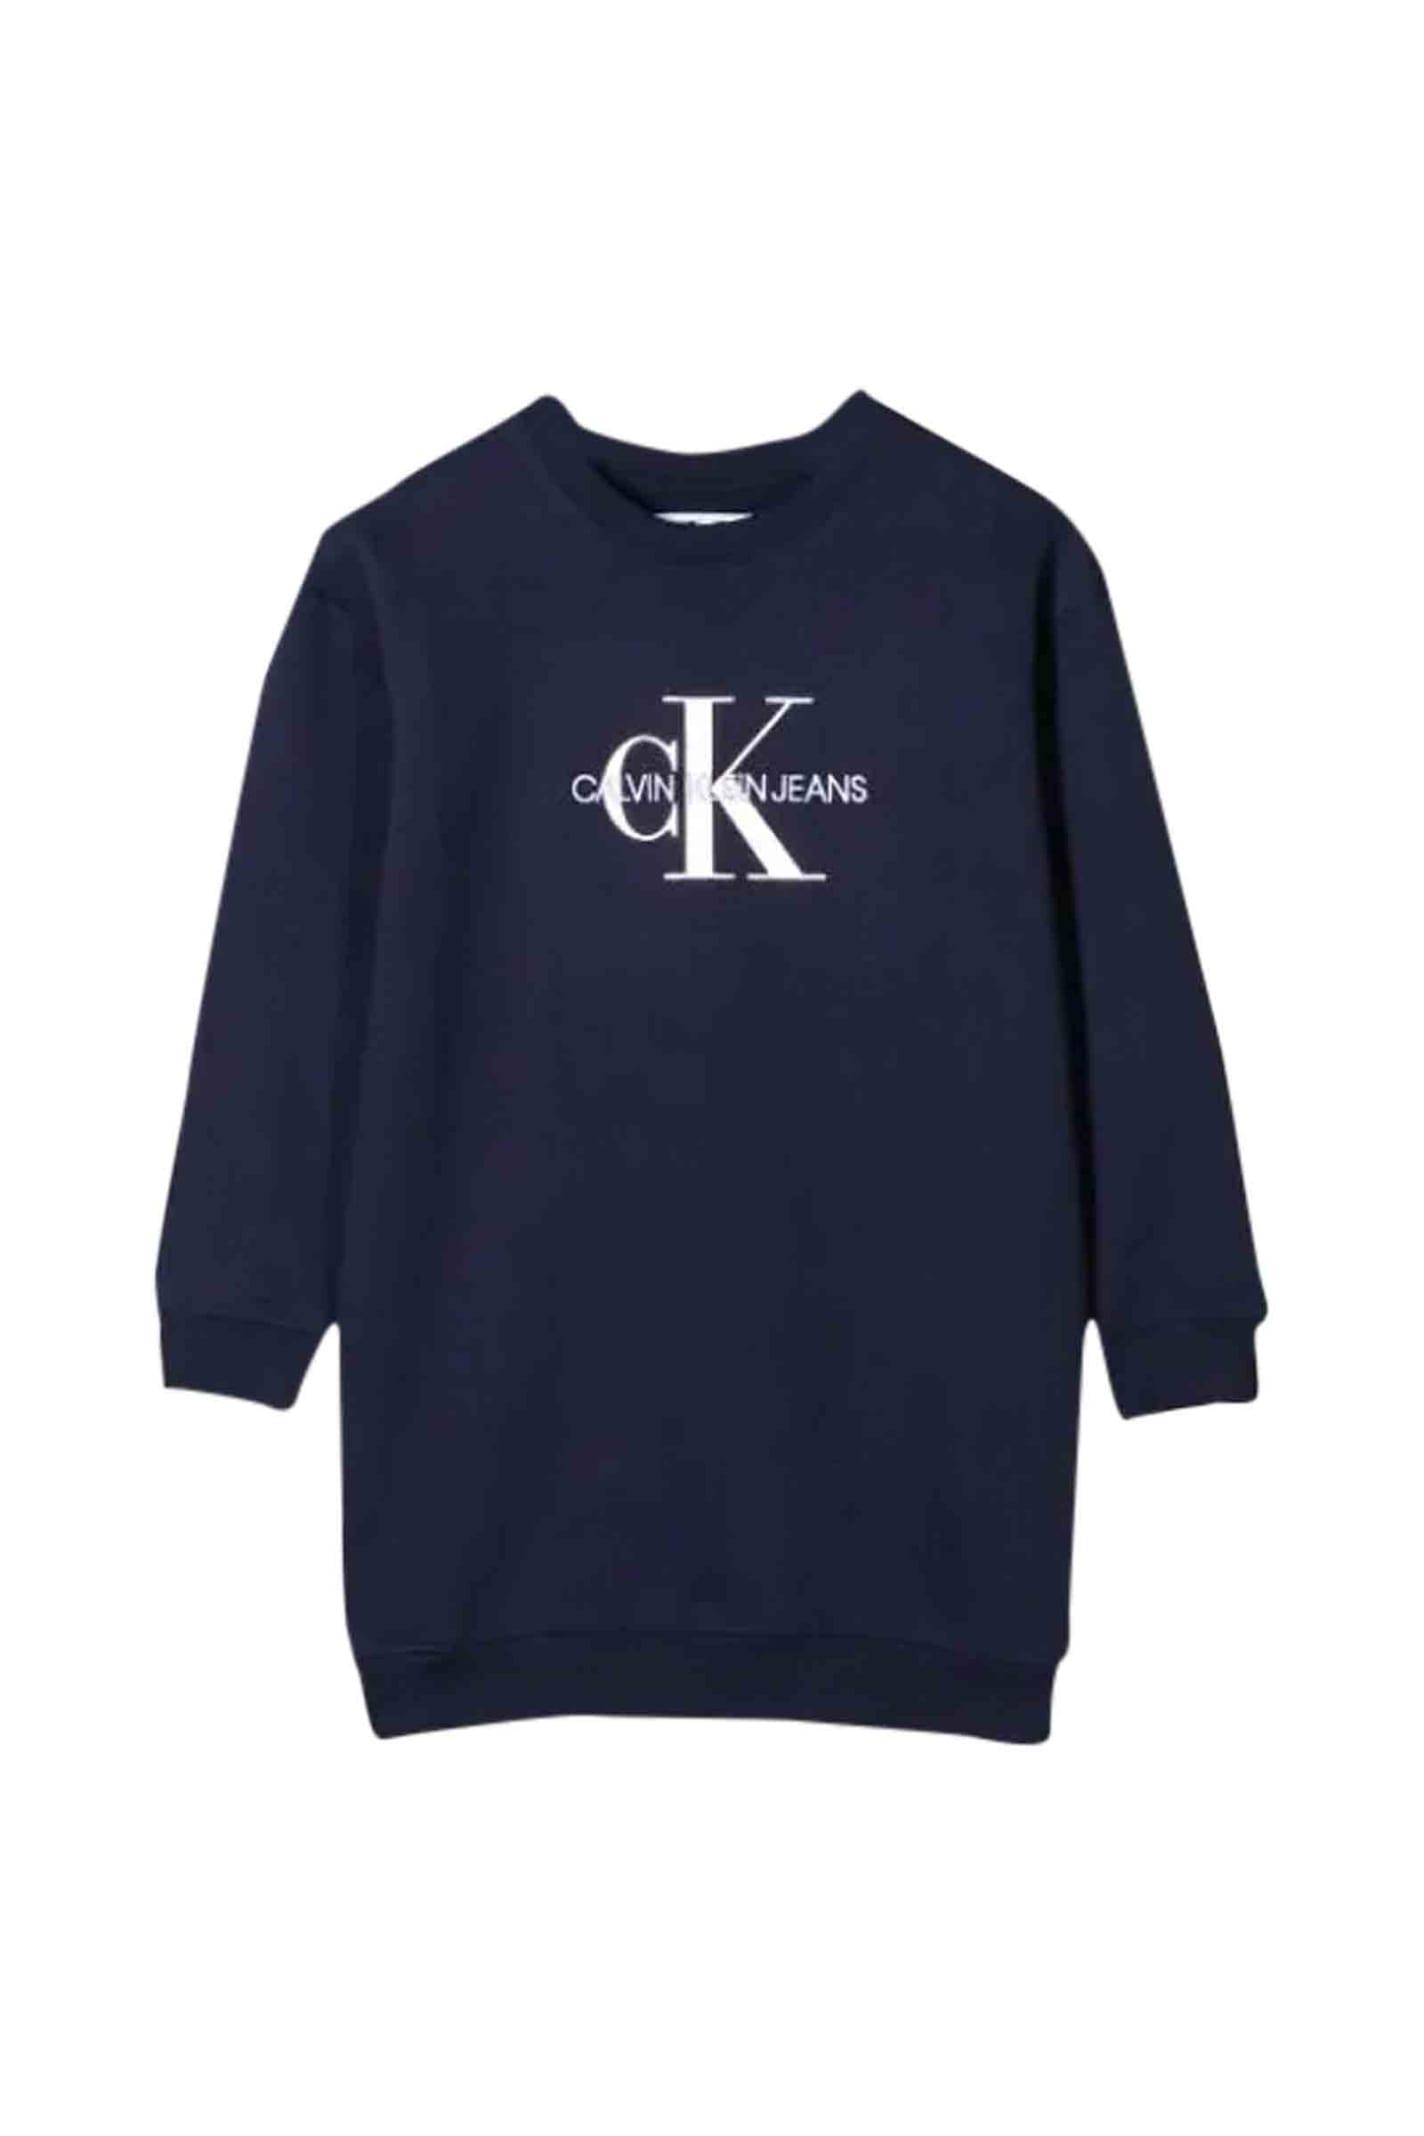 Calvin Klein Sweatshirt Style Dress